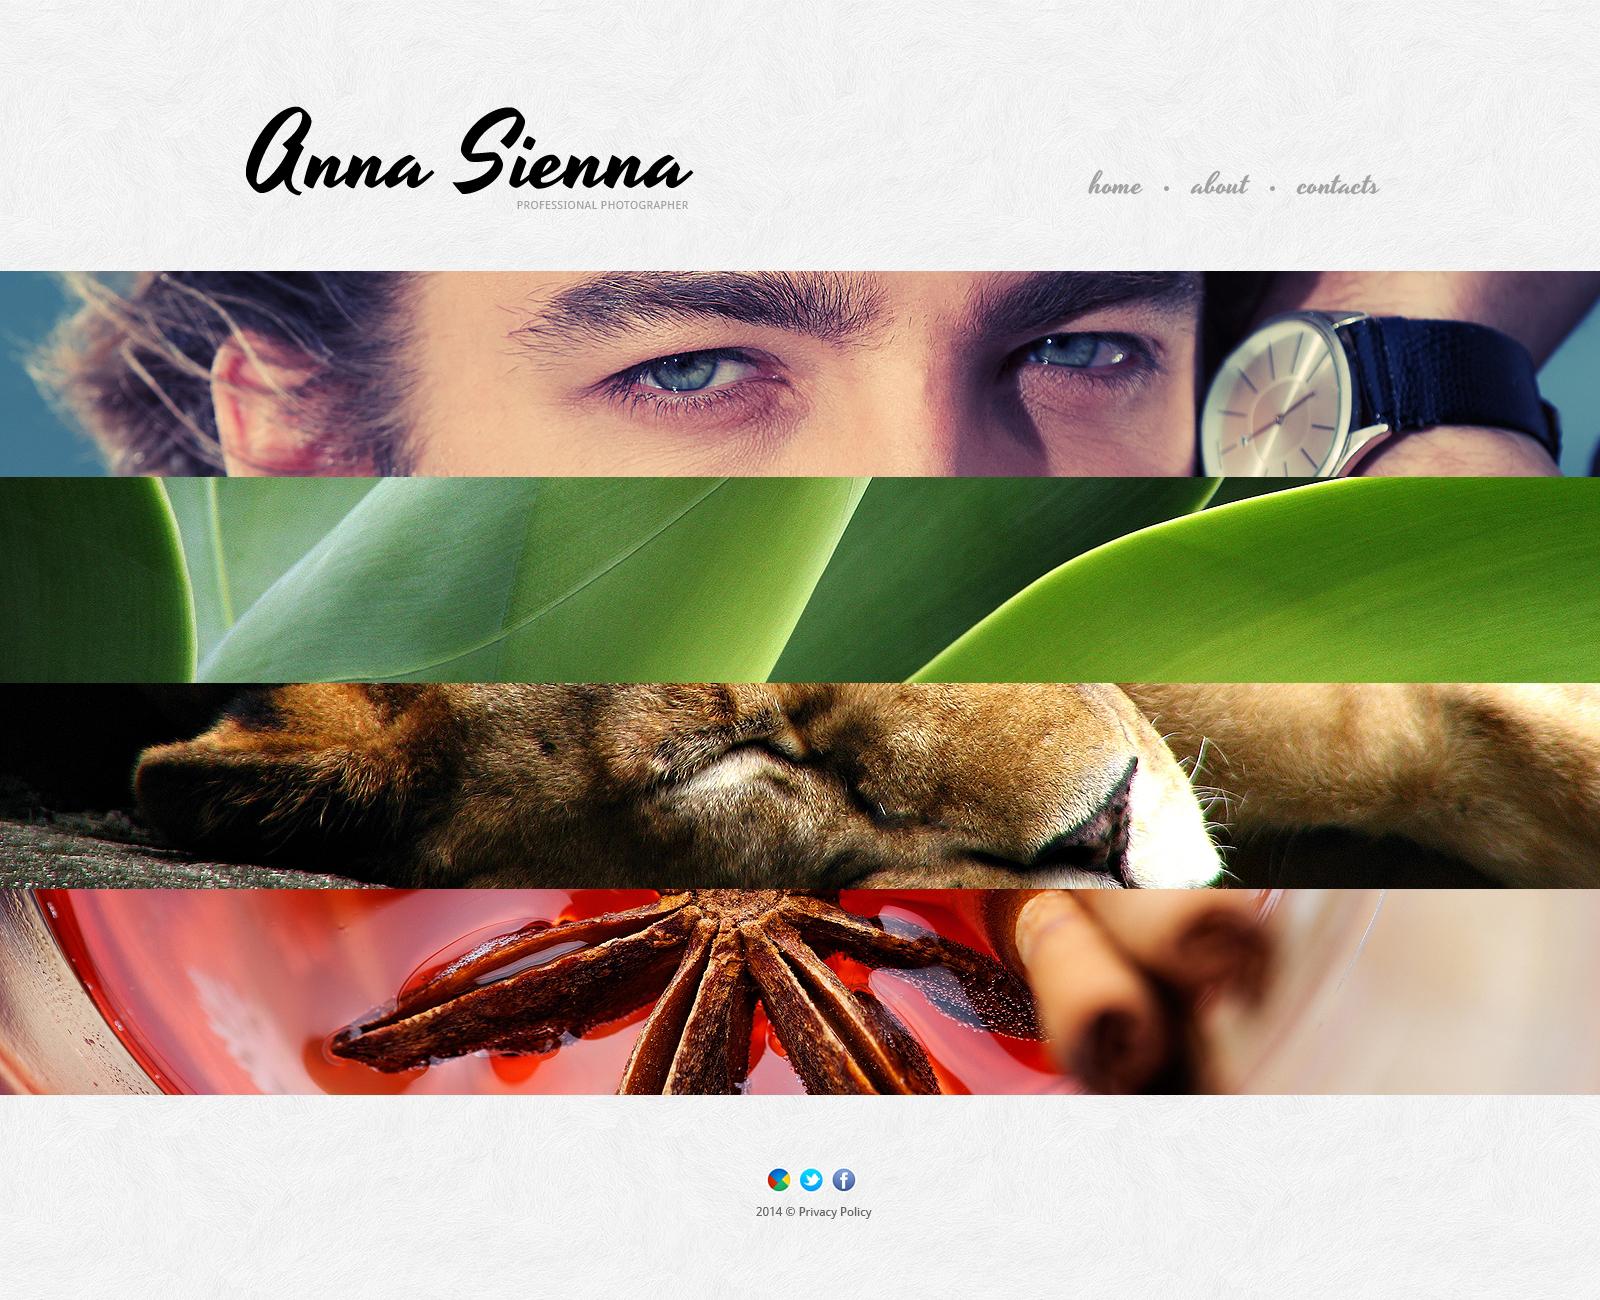 Plantilla Web Responsive para Sitio de Portafolios de fotógrafos #48147 - captura de pantalla